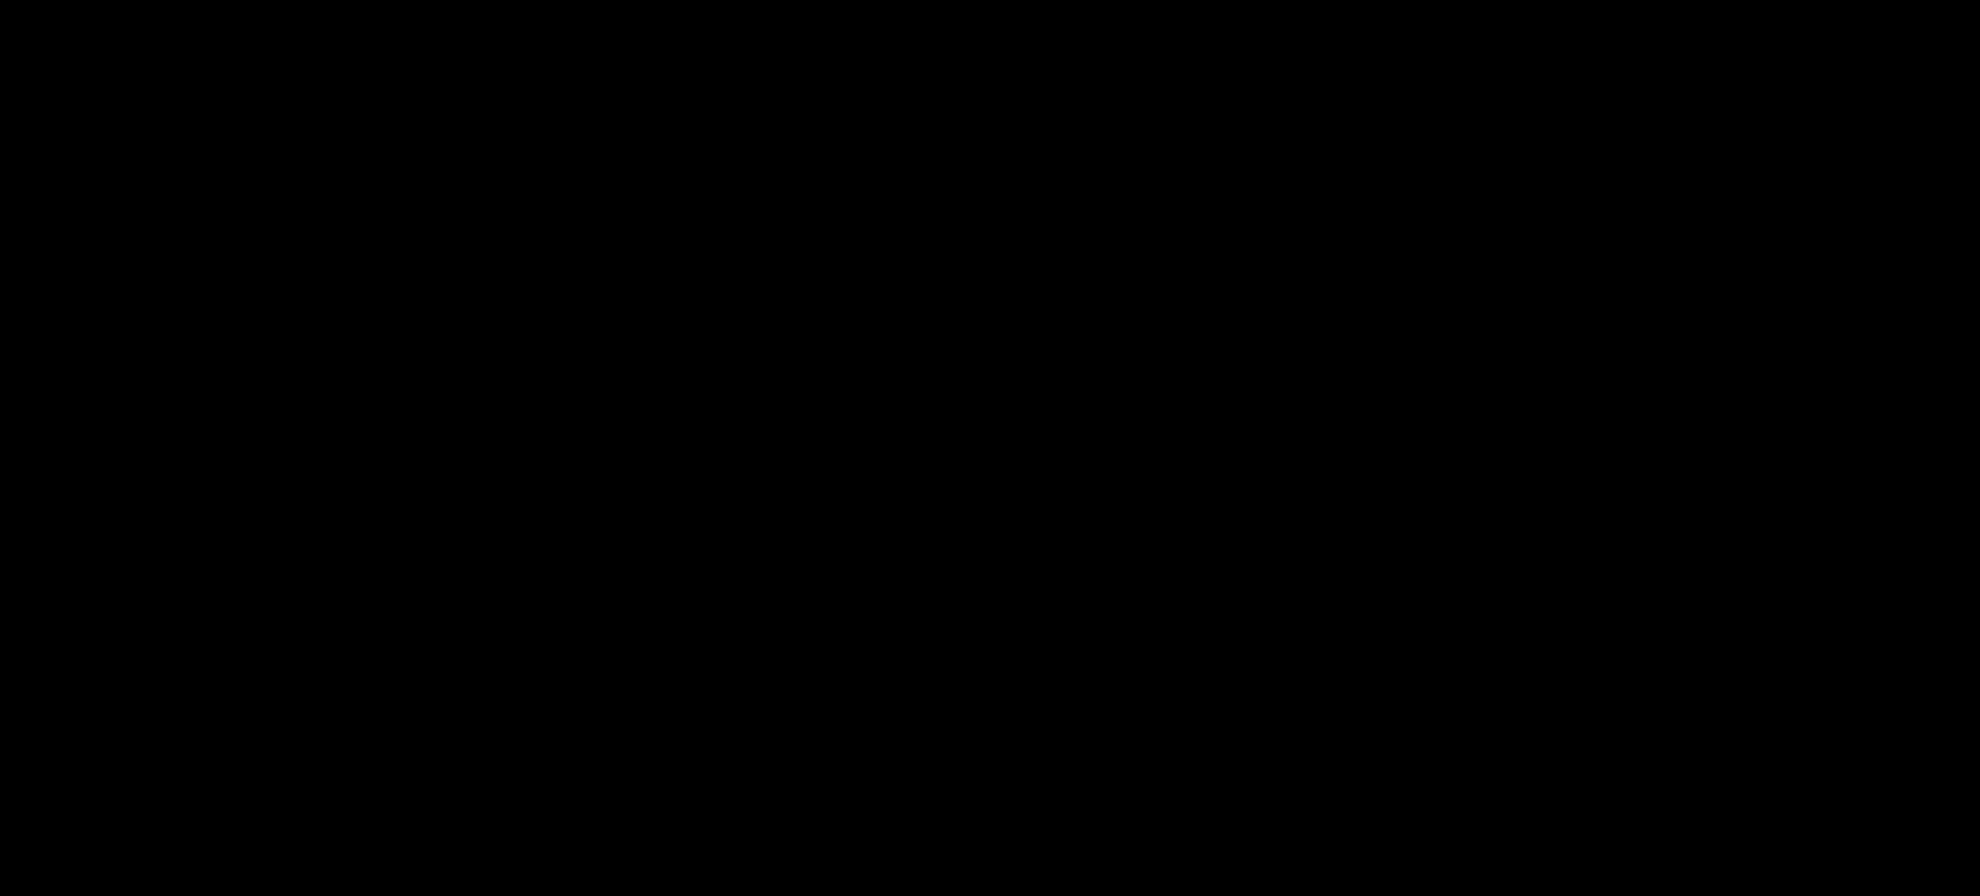 N-((3-(3-Iodo-4-methoxyphenyl)isoxazol-5-yl)methyl)-2-(diethylamino)ethanamide